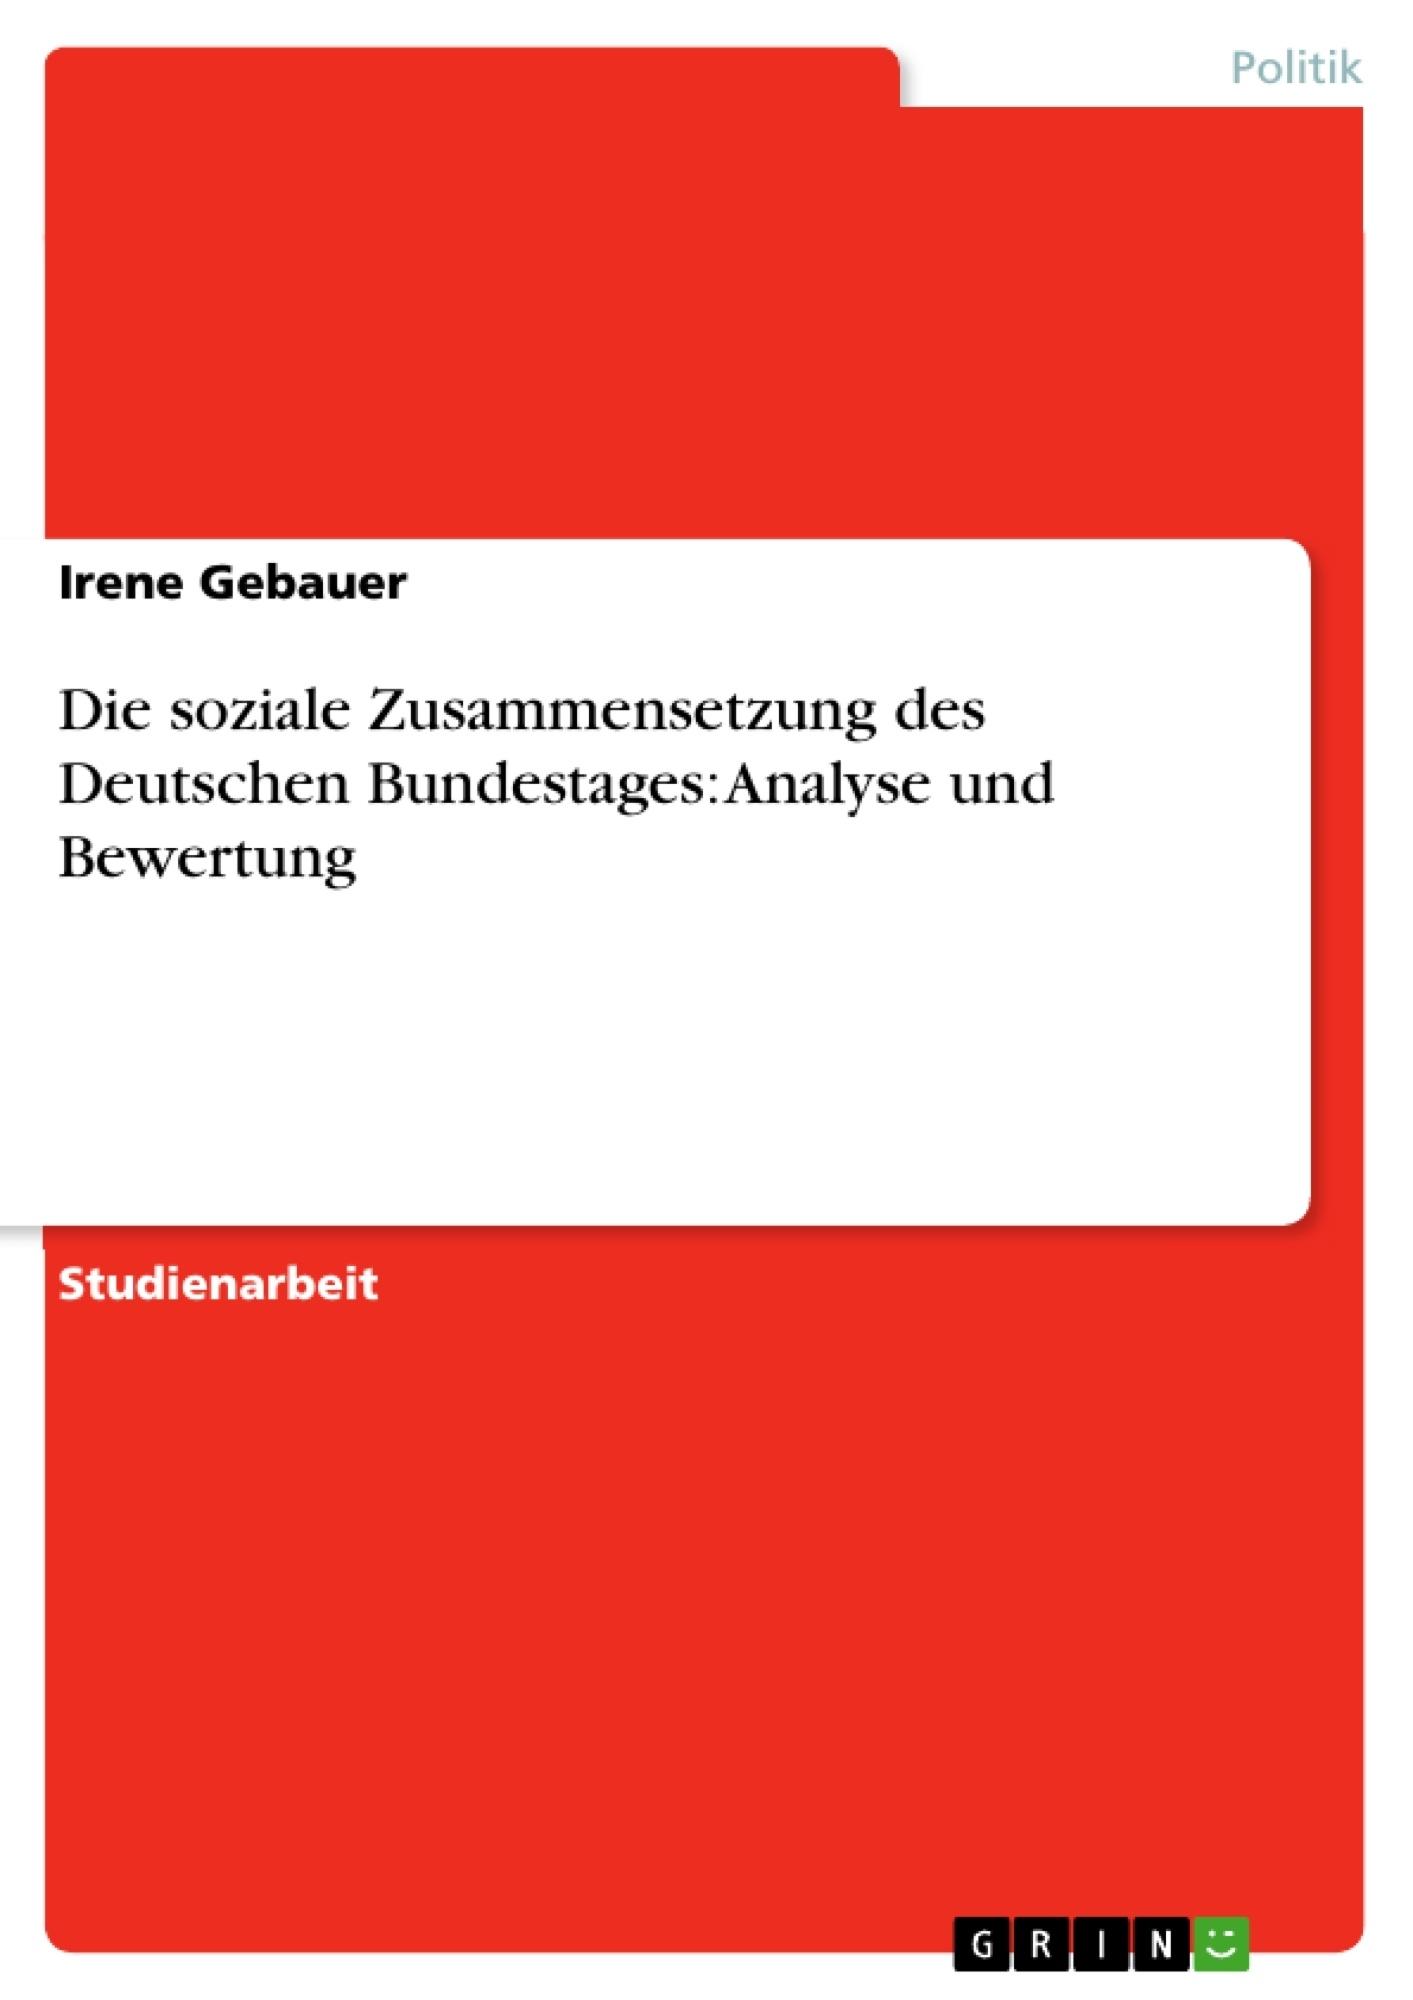 Titel: Die soziale Zusammensetzung des Deutschen Bundestages: Analyse und Bewertung